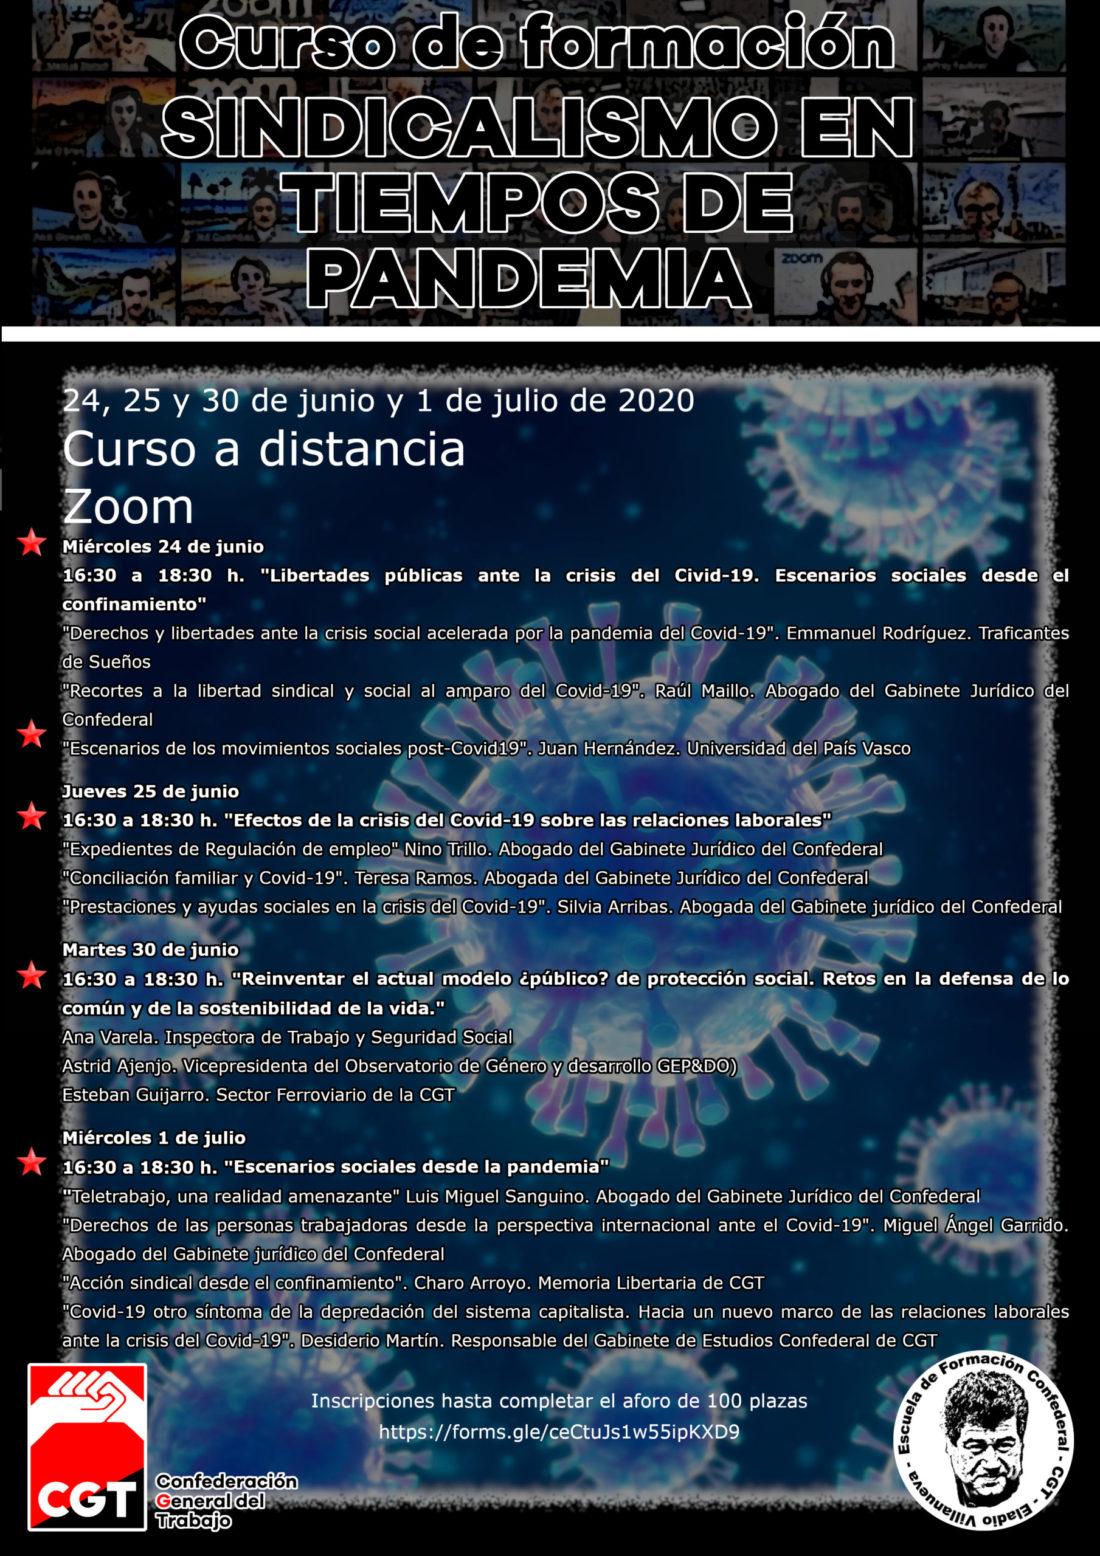 Jornadas formativas sobre sindicalismo en tiempos de pandemia